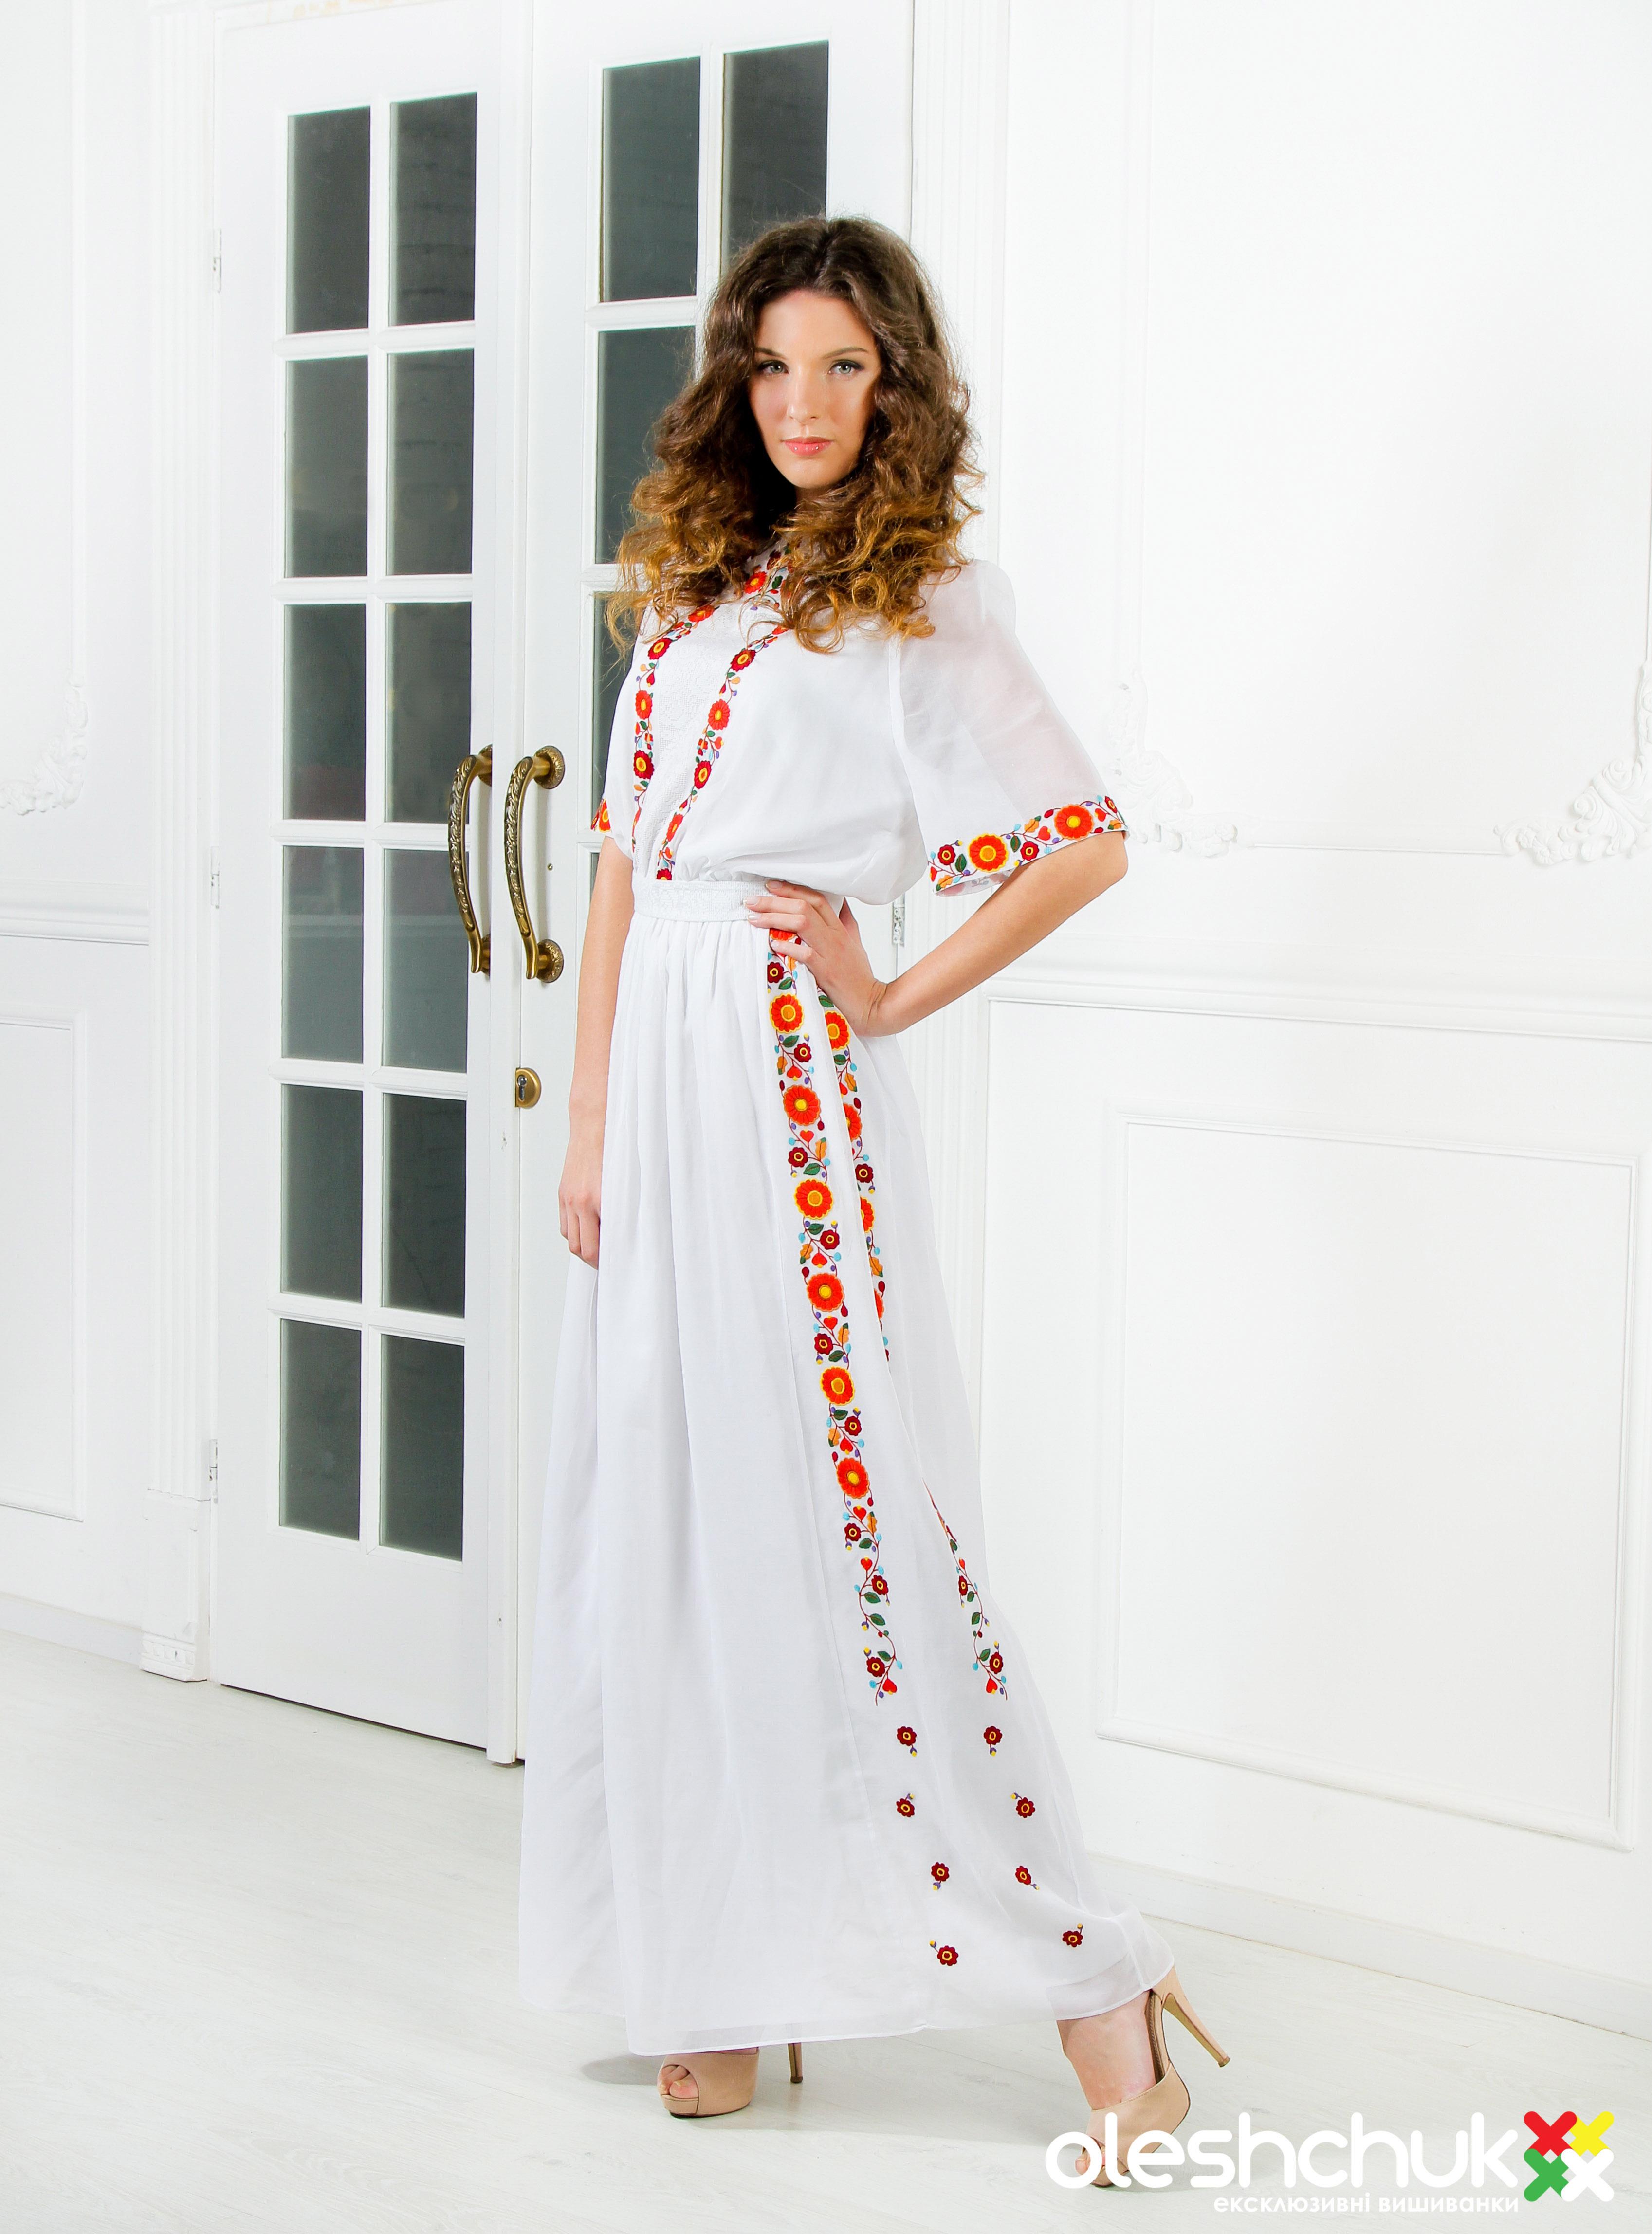 c4ff10ce45c1bf Ексклюзивні вишиті плаття та сукні ручної роботи